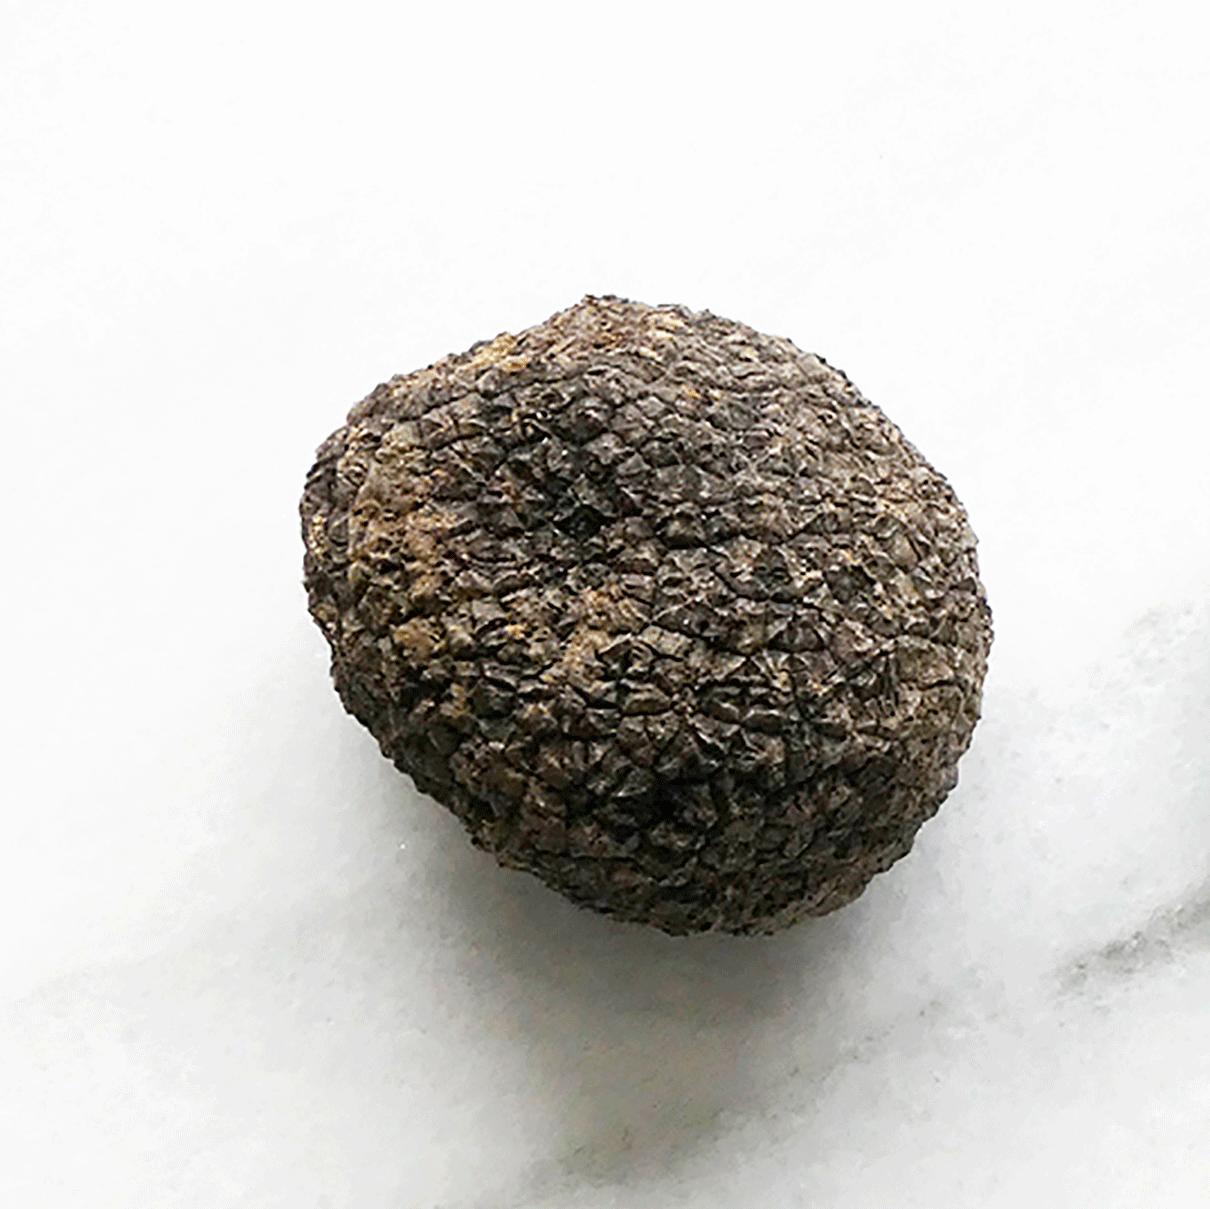 Tuber aestivum vitt  Black summer truffleruffle